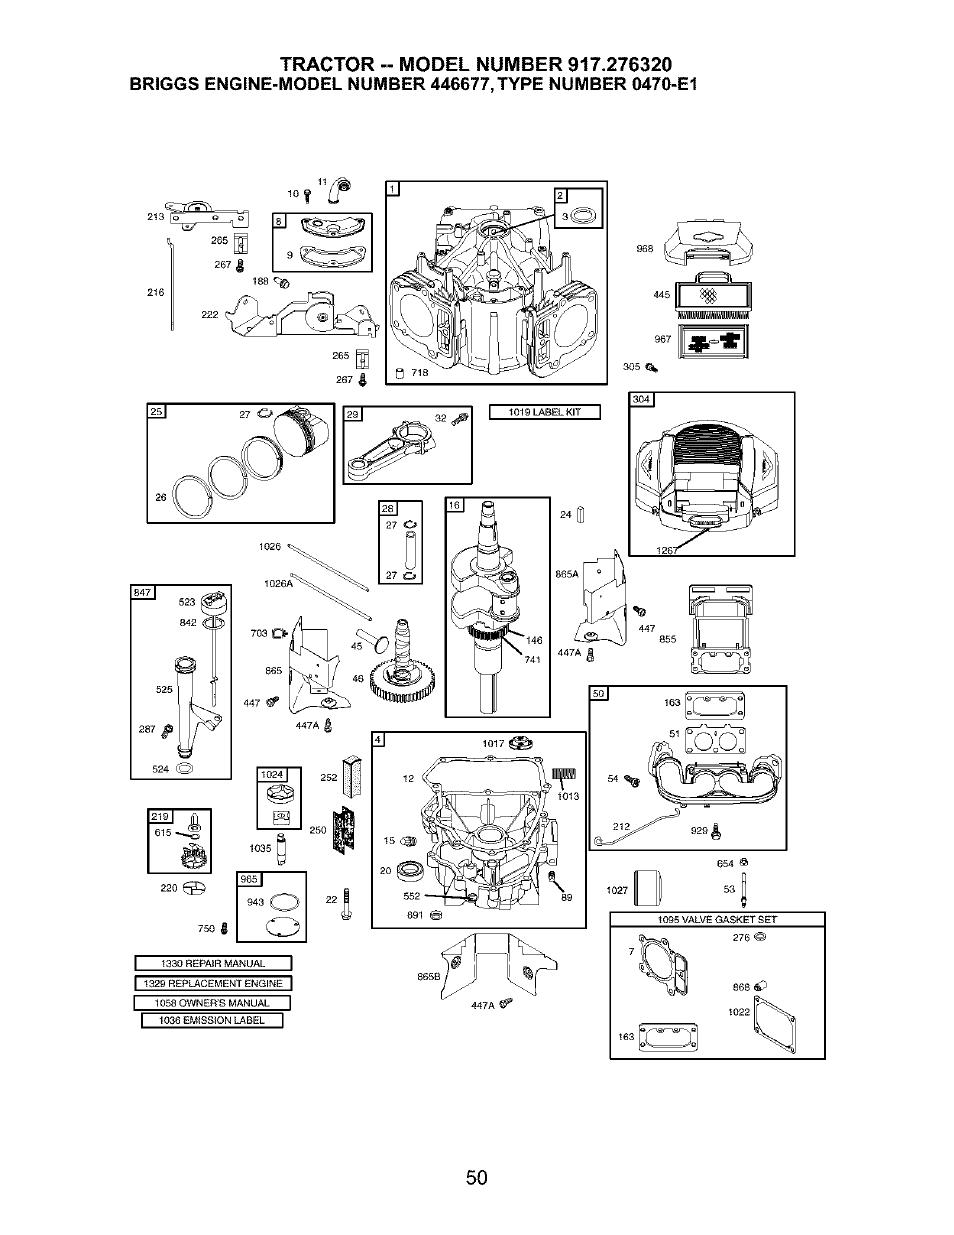 Craftsman 917 276320 User Manual